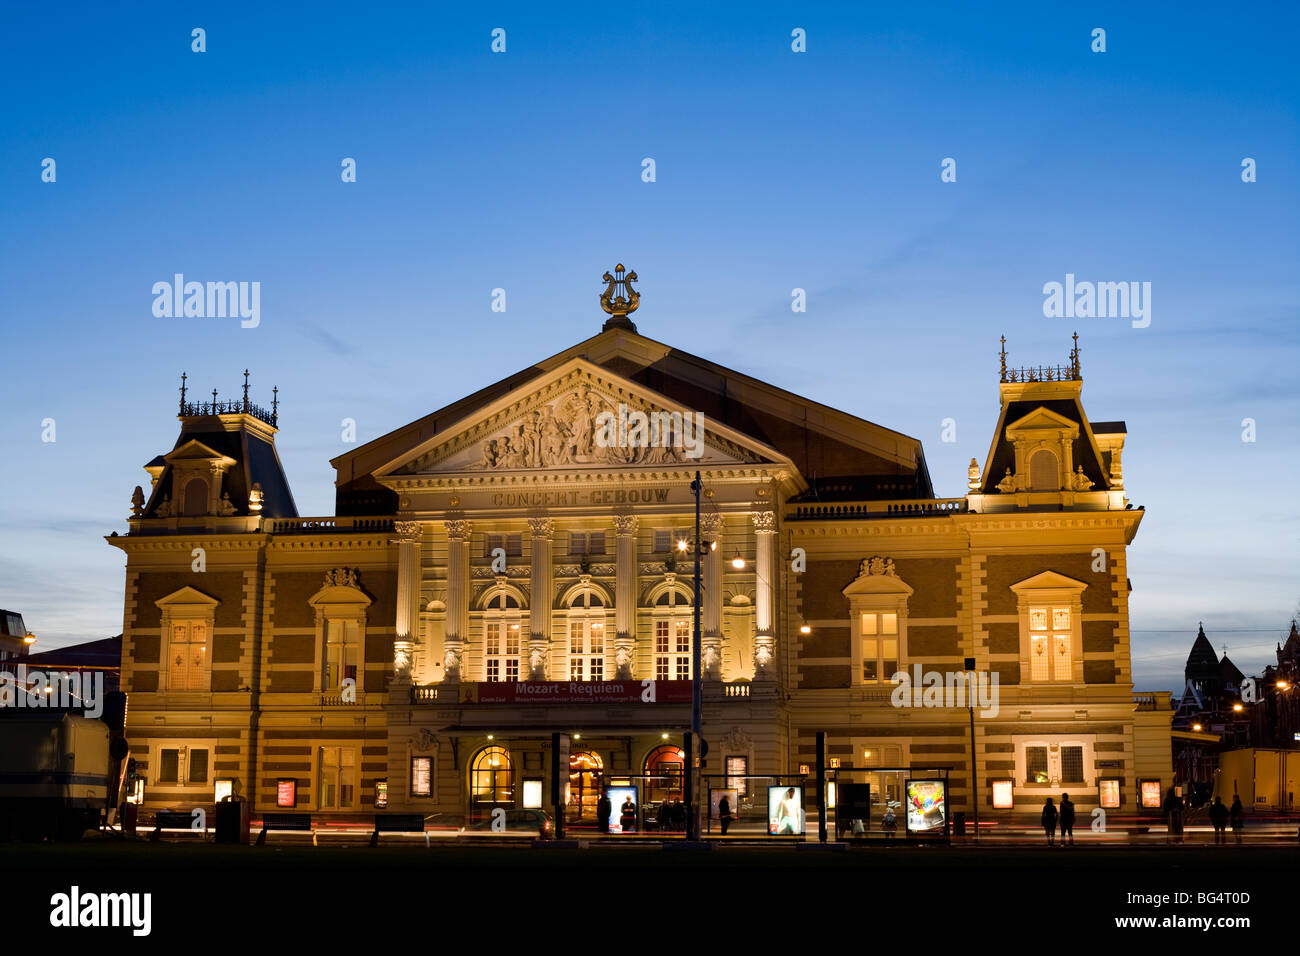 Das Concertgebouw Amsterdam, Concert Gebouw, Music Hall Gebäude in der Dämmerung. Stockbild